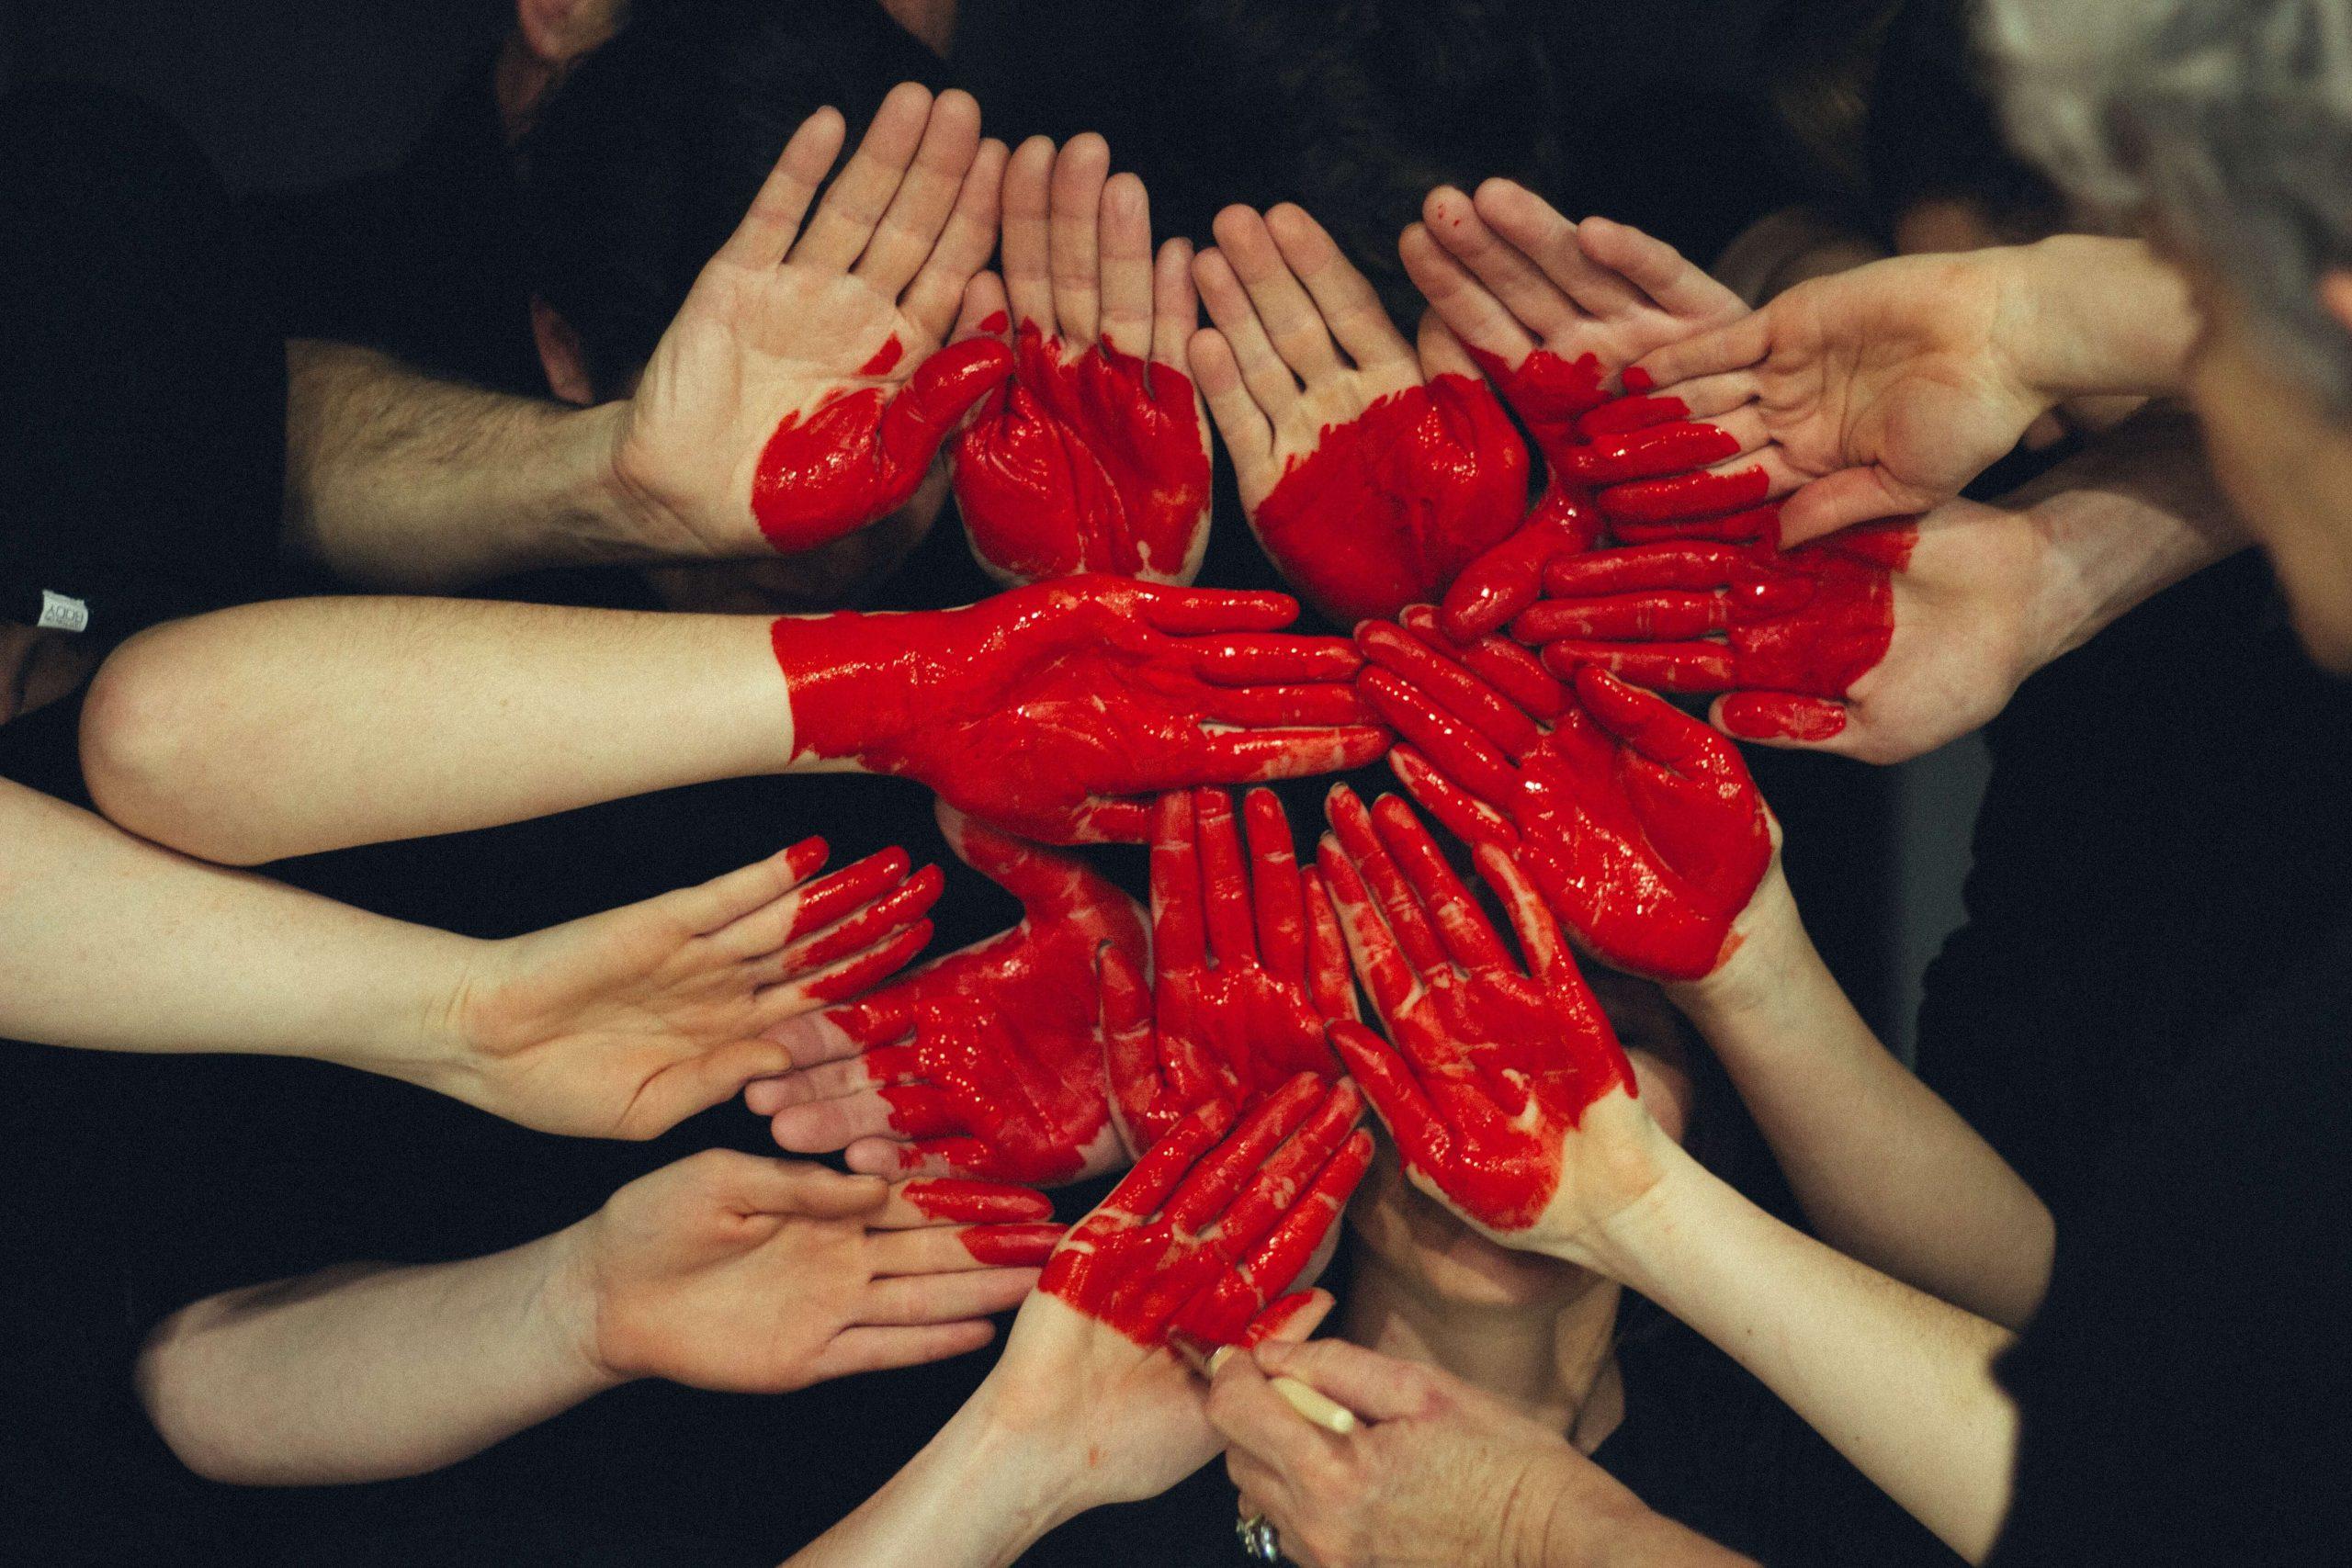 Cosa significa aiutare il prossimo con stile d'impresa? Scopri come la Fondazione Angelo Affinita ha rivoluzionato il modo di fare beneficenza creando una grande famiglia di imprenditori solidali